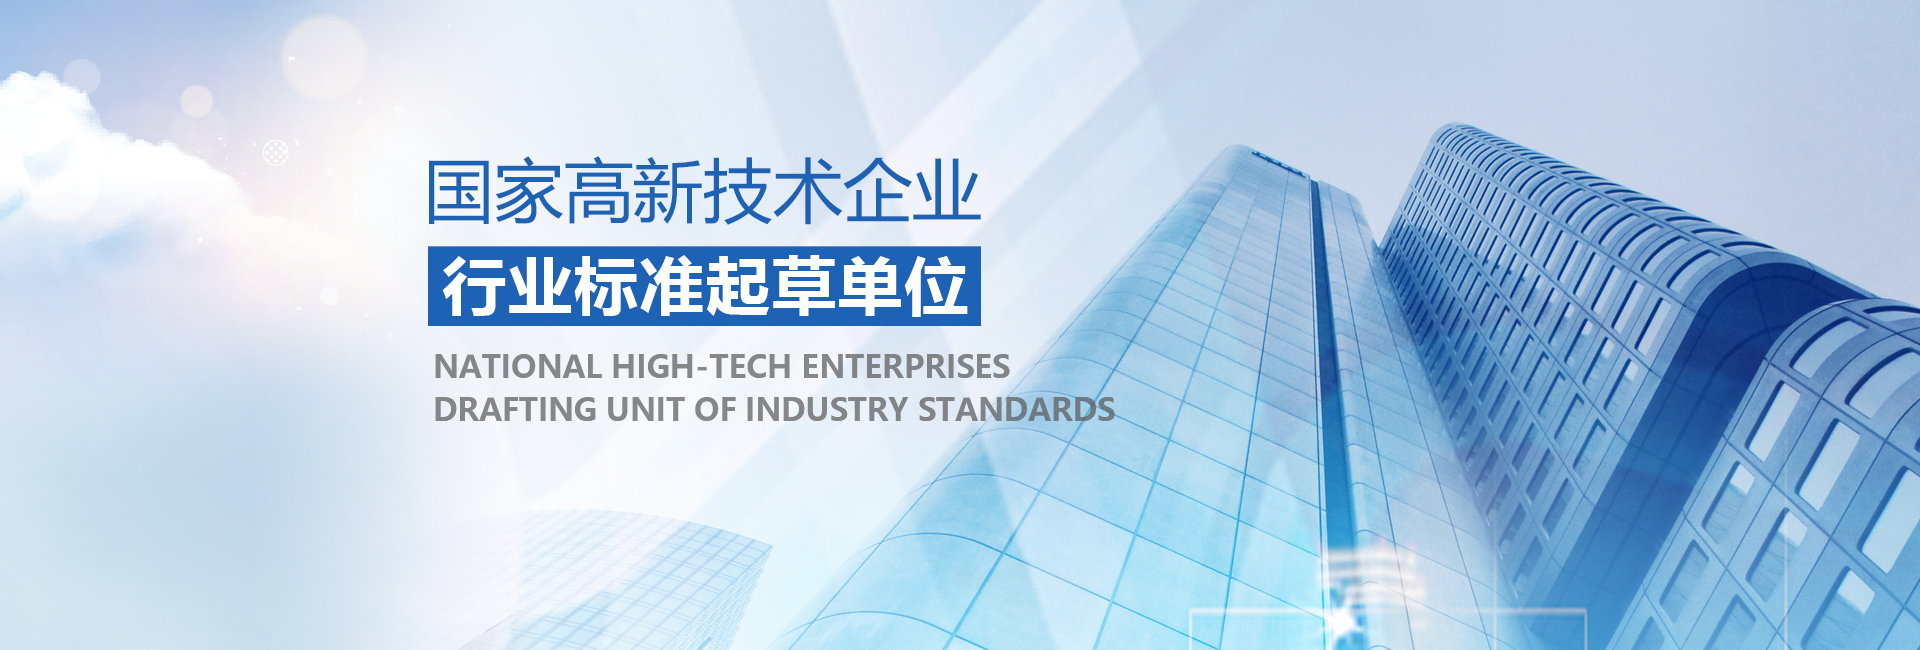 国家高新技术企业